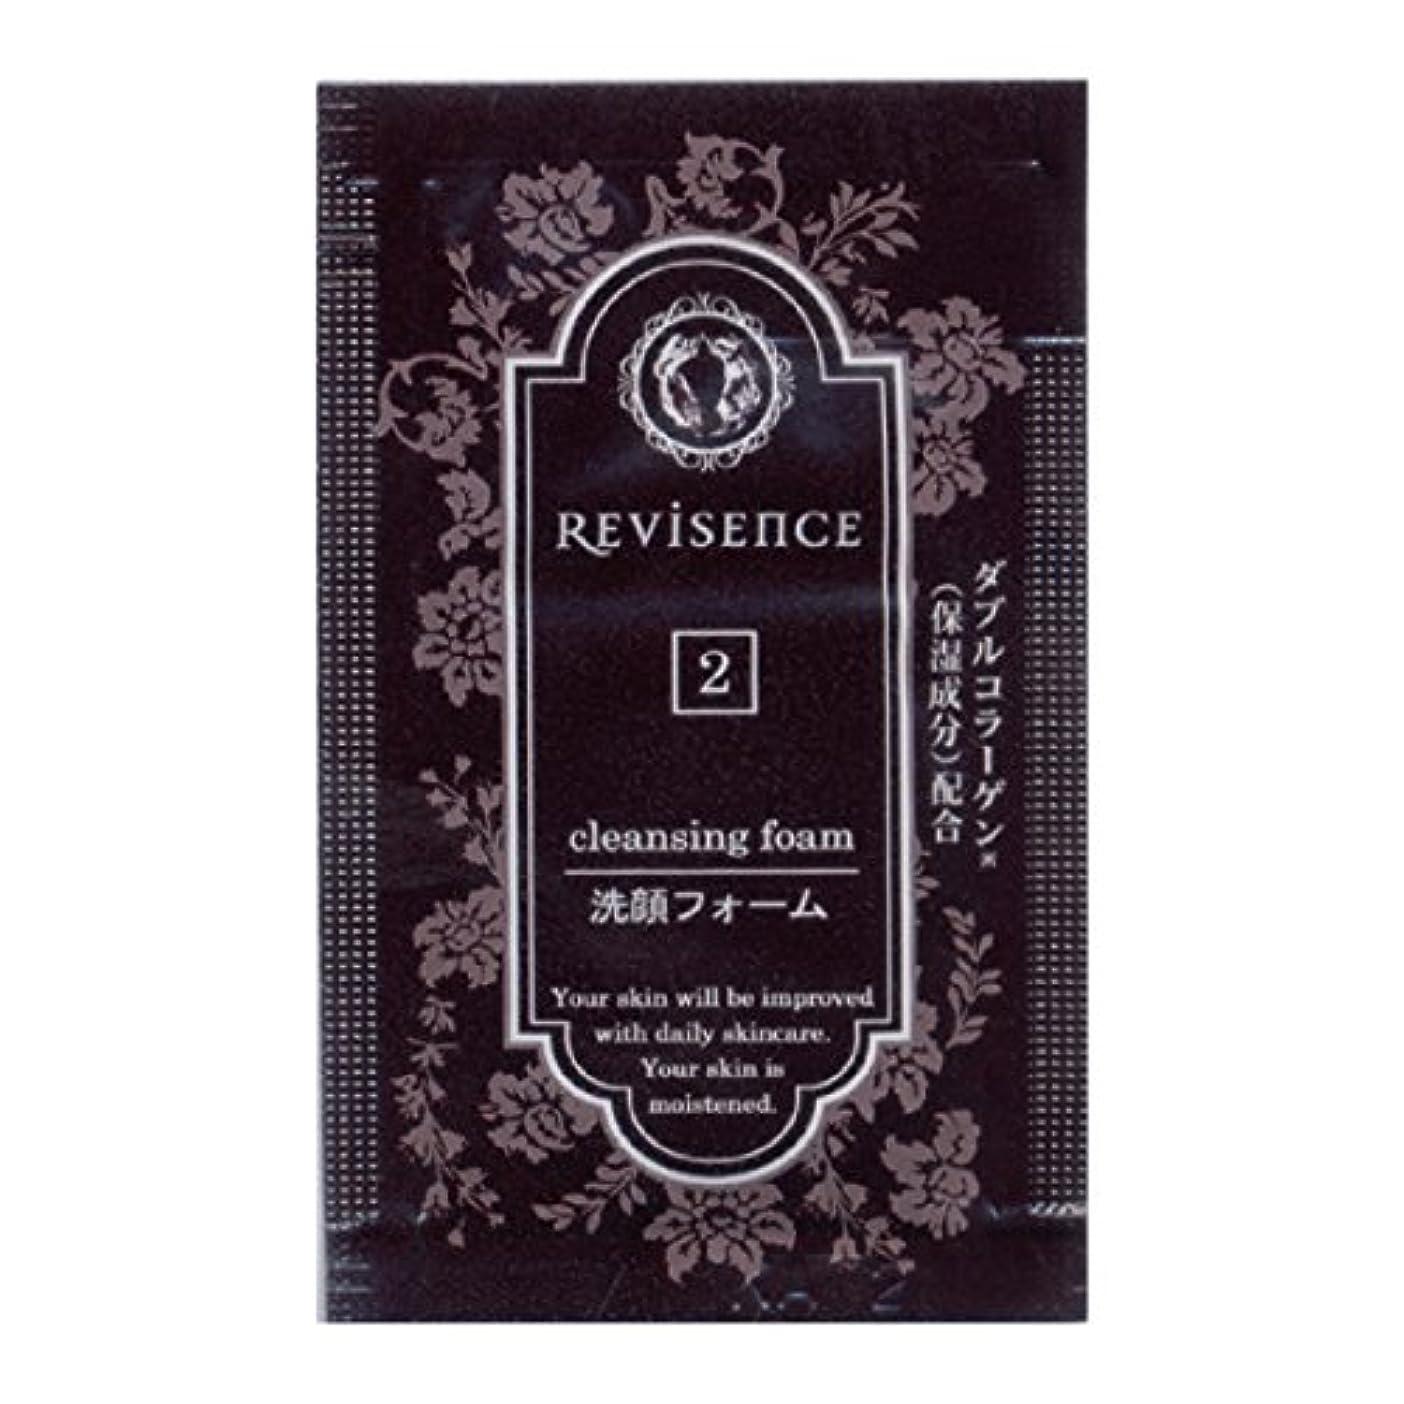 最初に紫の立法リバイセンス 洗顔フォーム パウチ 3ml 100包